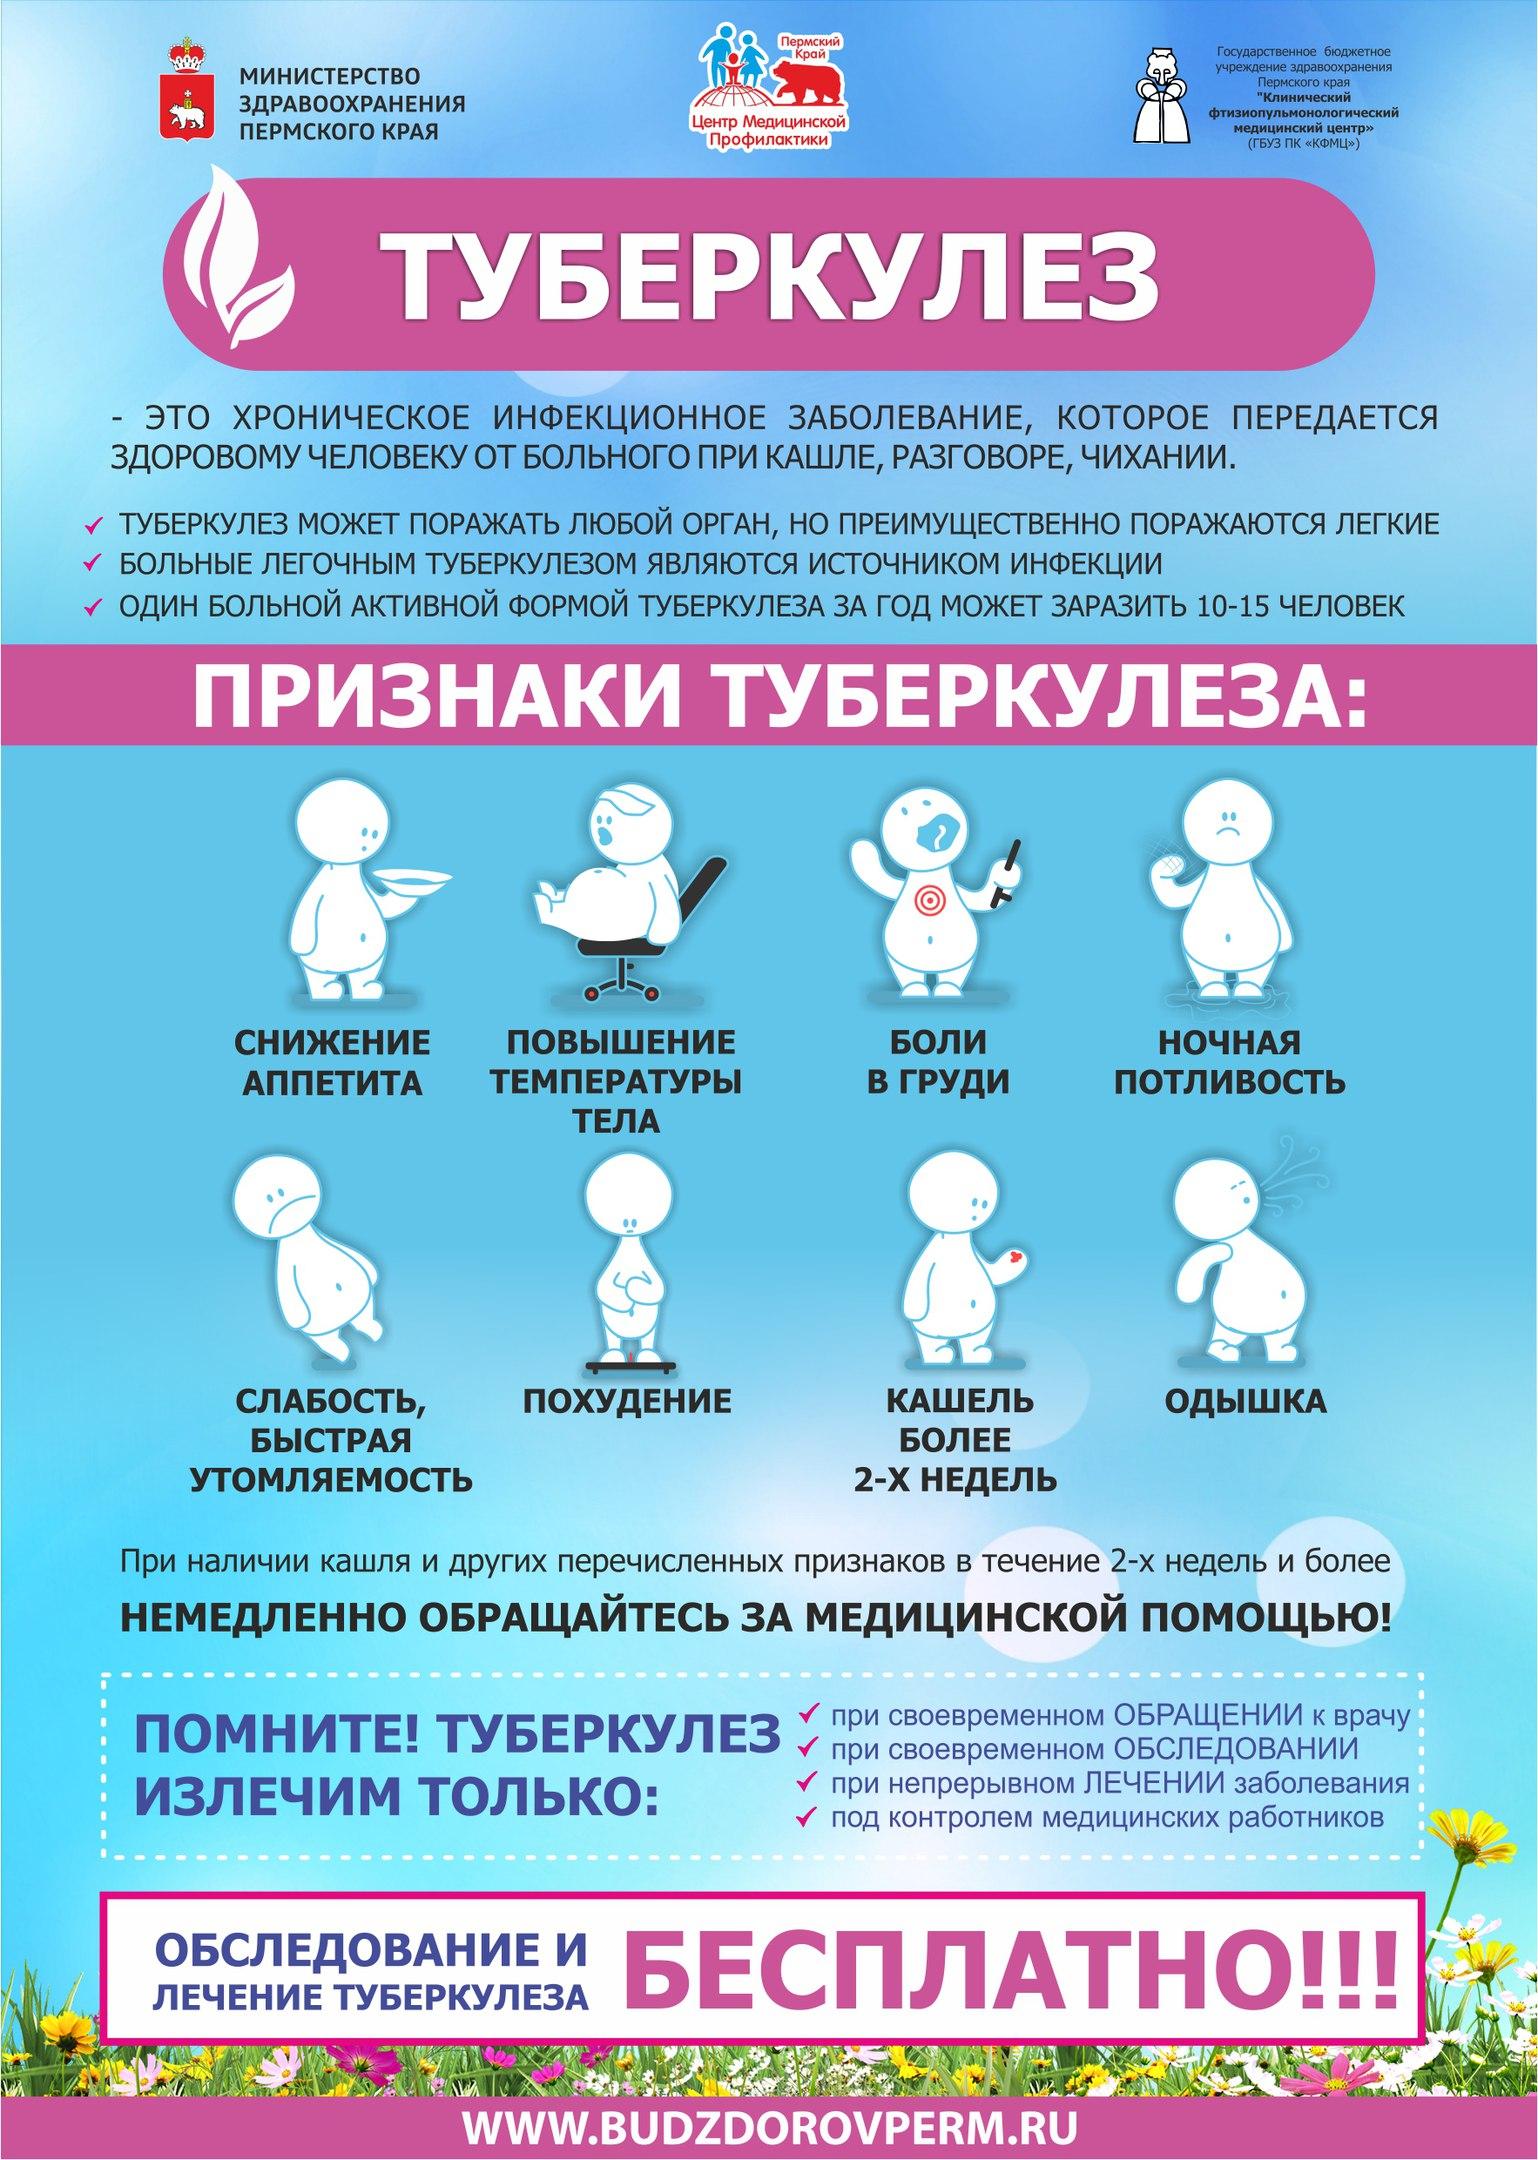 Тэк глобал транс групп филиал в перми